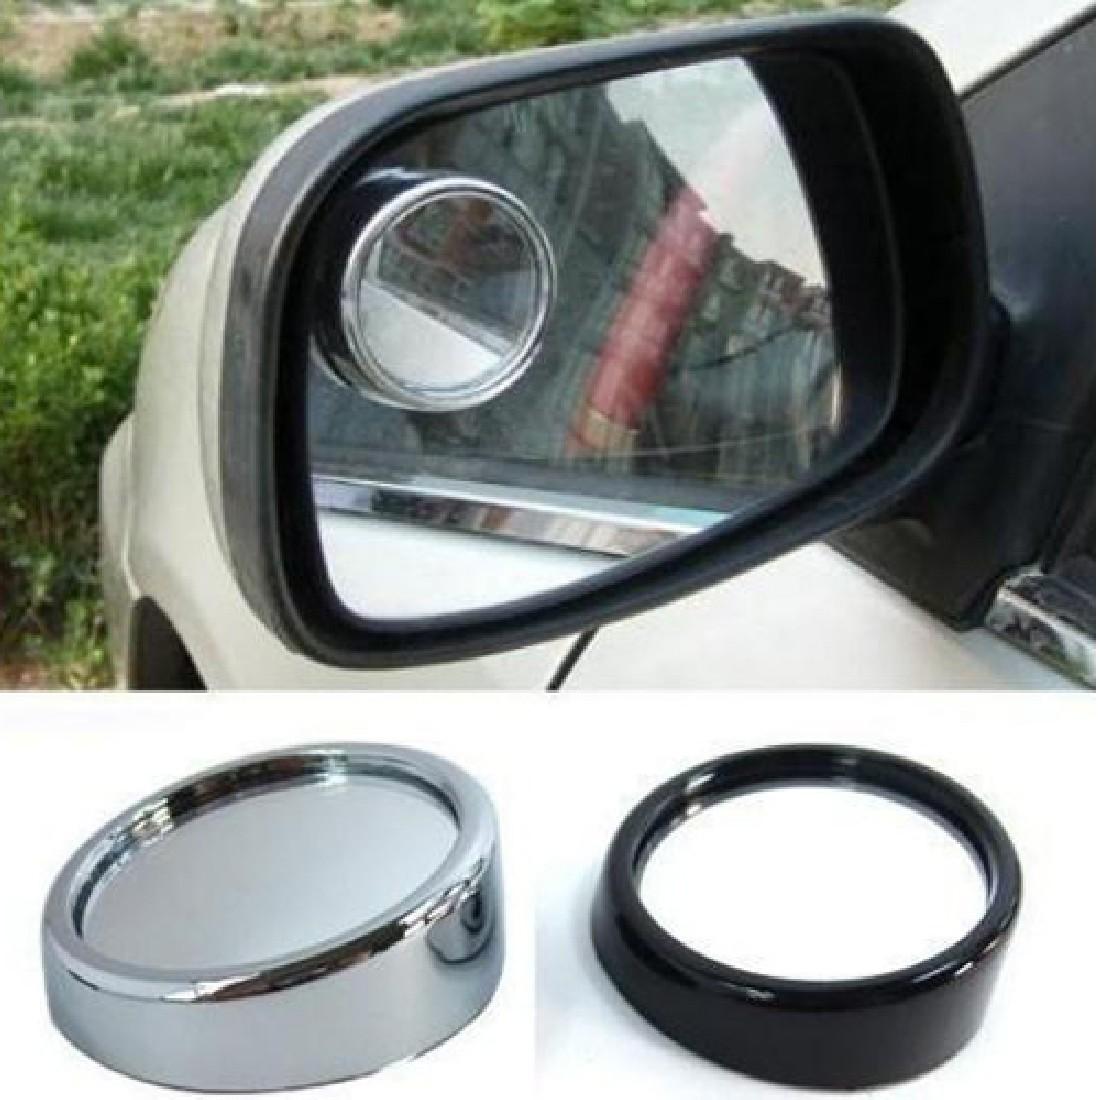 Горячая распродажа новый зеркало заднего вида выпуклый круг слепое пятно за машину , чтобы увидеть серебро